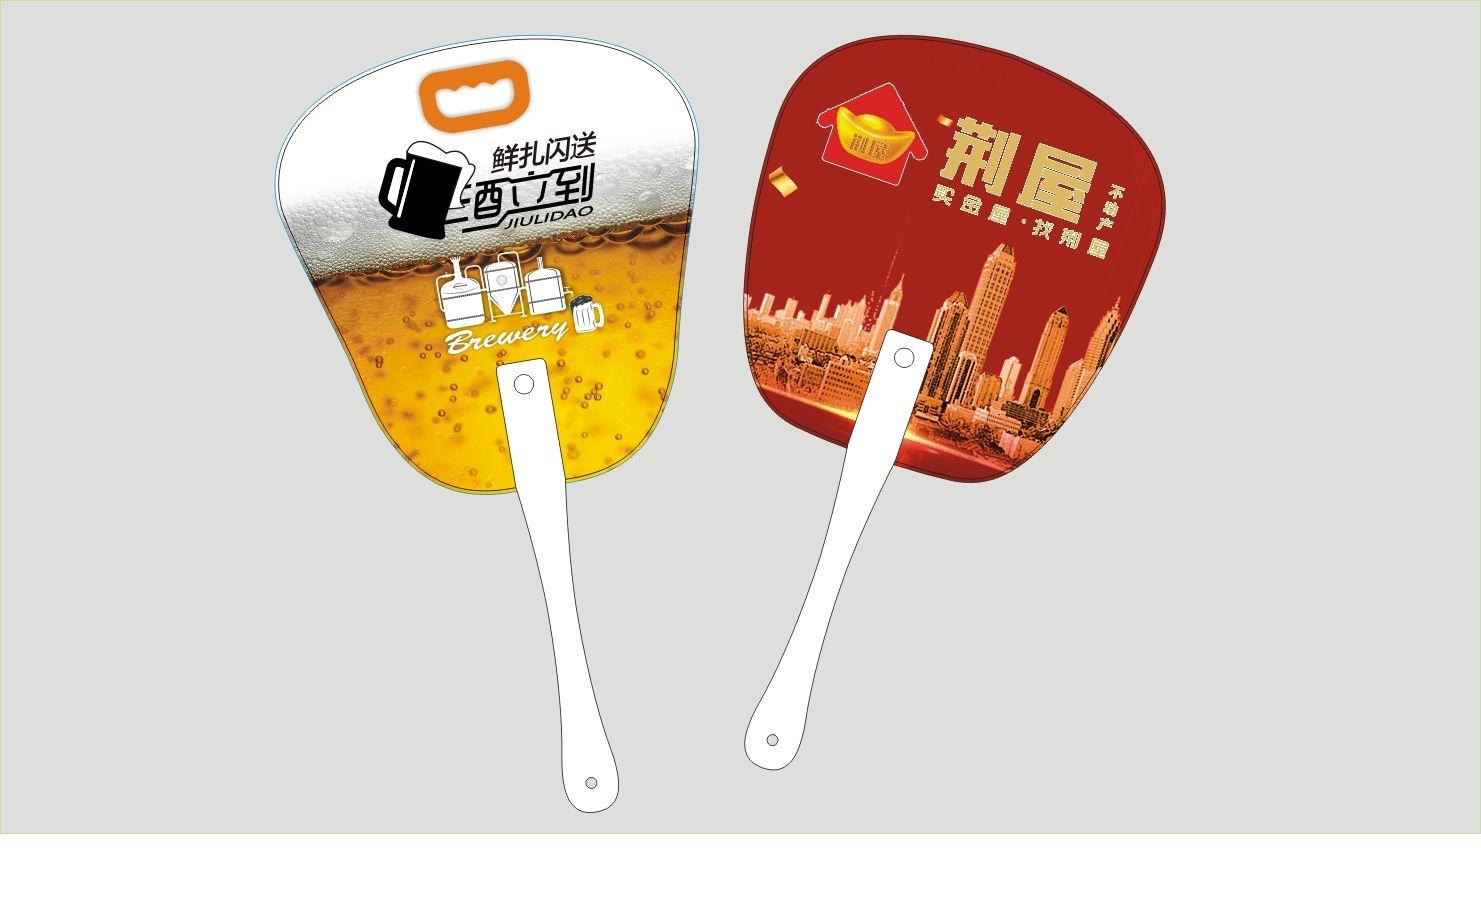 广告扇定做卡通扇子订做团扇小礼品招生扇子定制大胶扇活动宣传扇